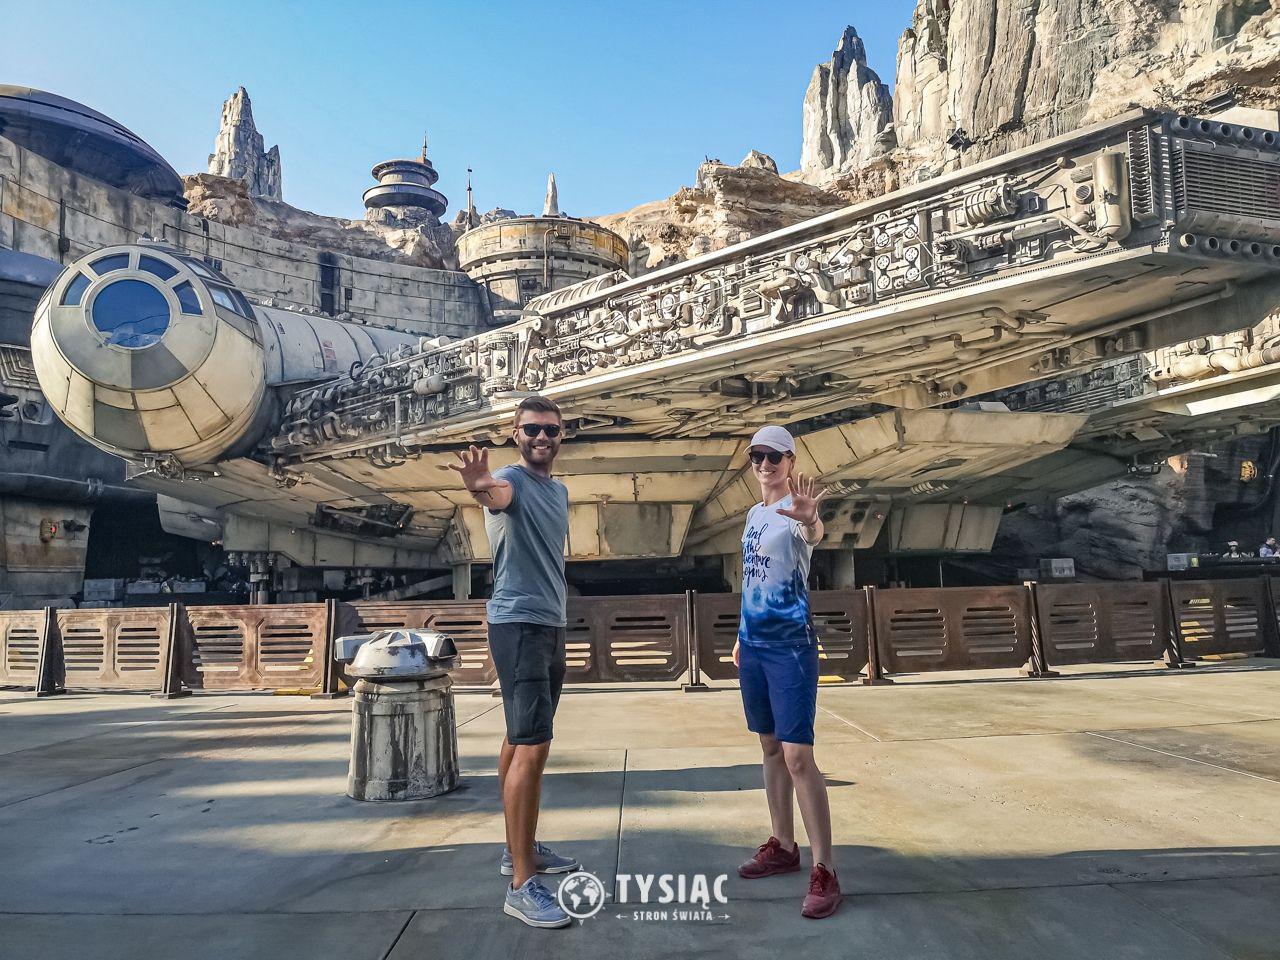 Gwiezdne Wojny - Disneyland